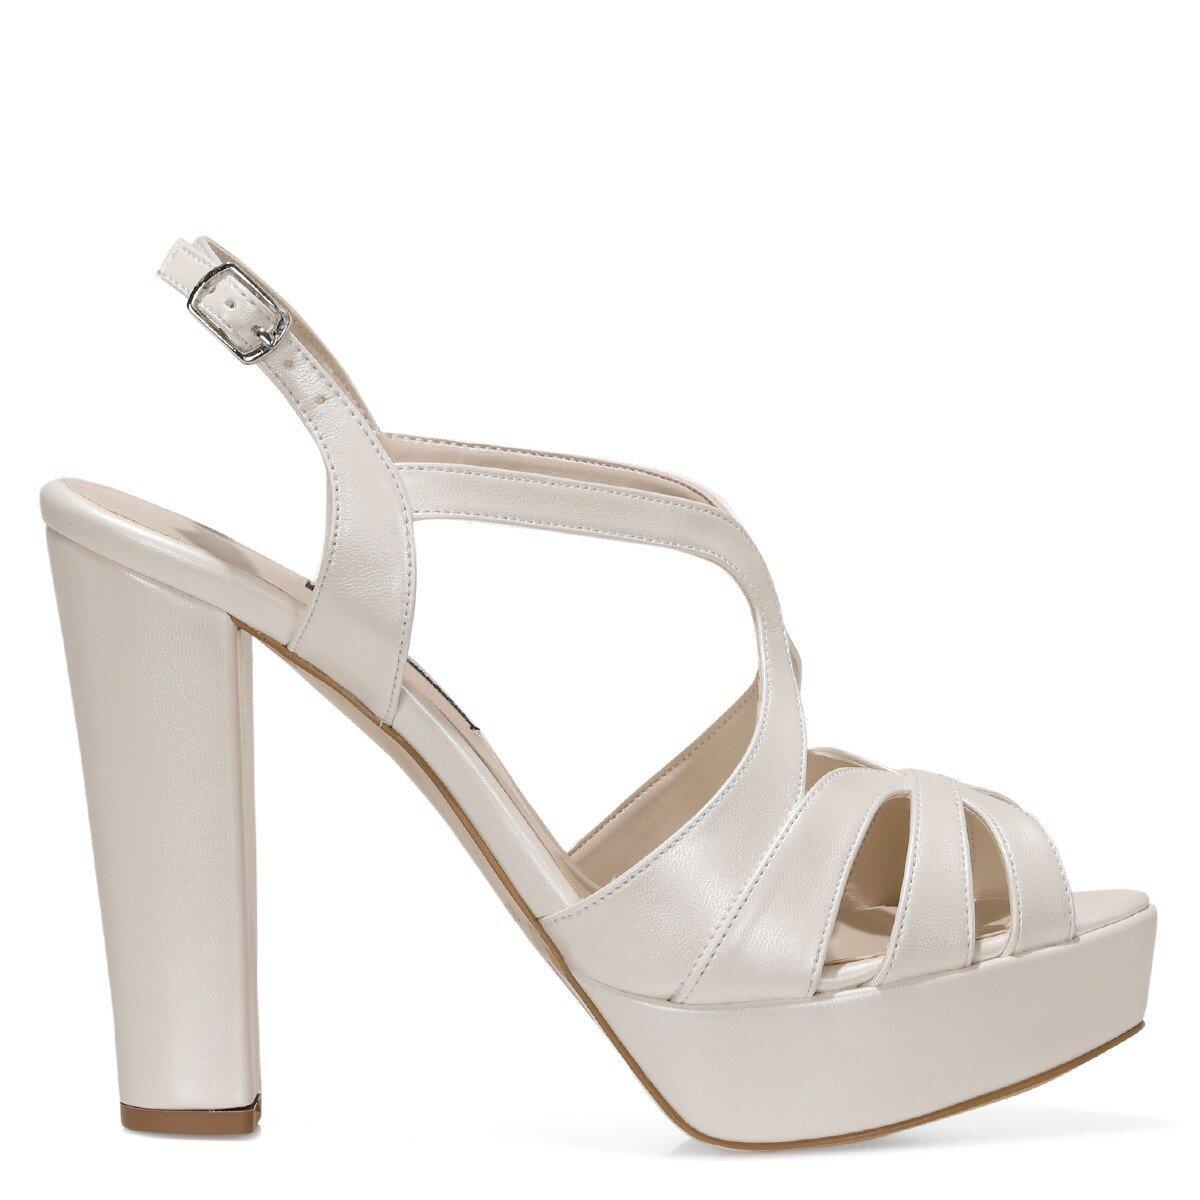 SINDY 1FX KIRIKBEYAZ Kadın Topuklu Ayakkabı